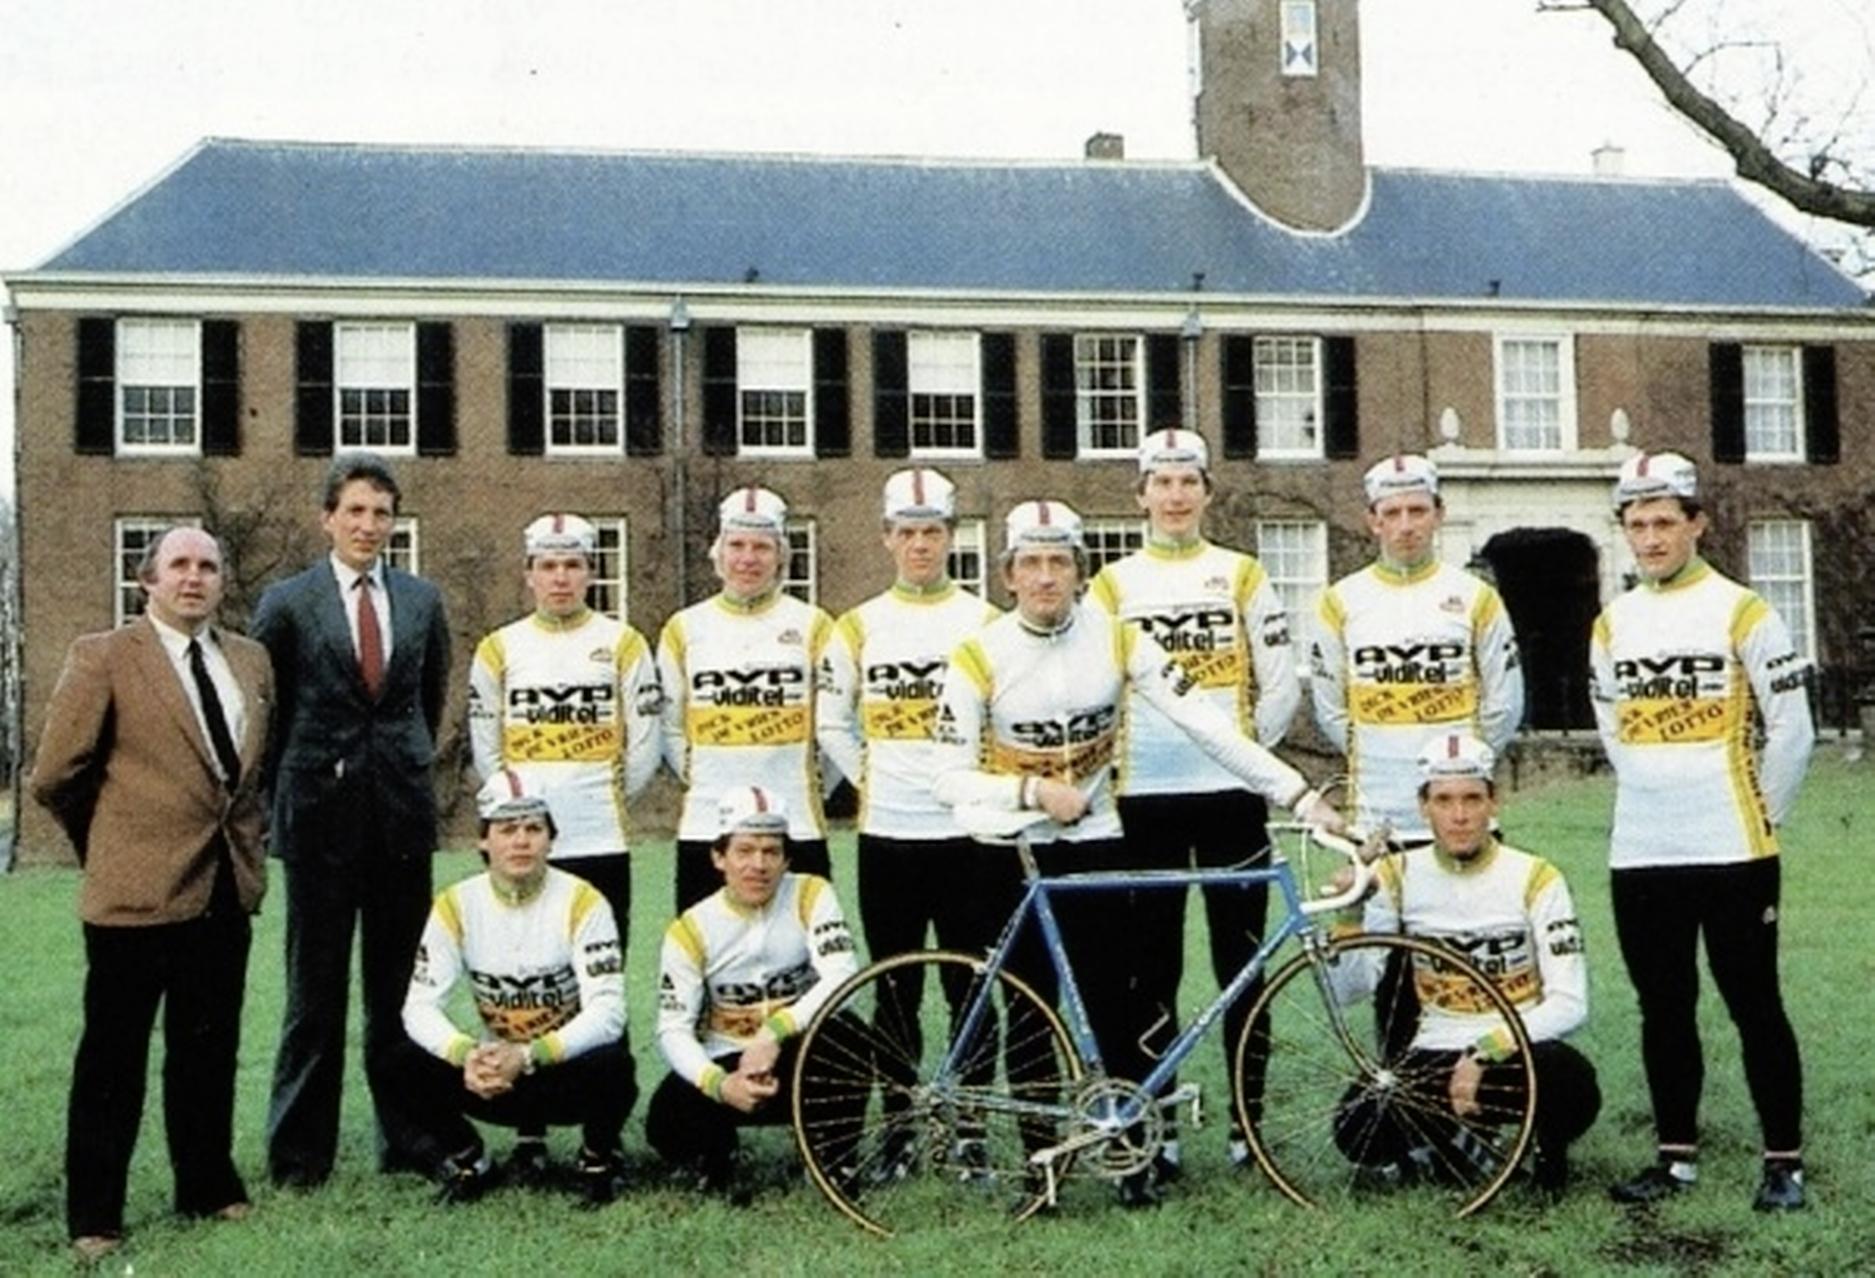 Sjaak de Goede was ploegleider van de aan lager wal geraakte oud-wereldkampioen Freddy Maertens. 'Hij was gewoon een sympathieke jongen, die het één en ander had meegemaakt'